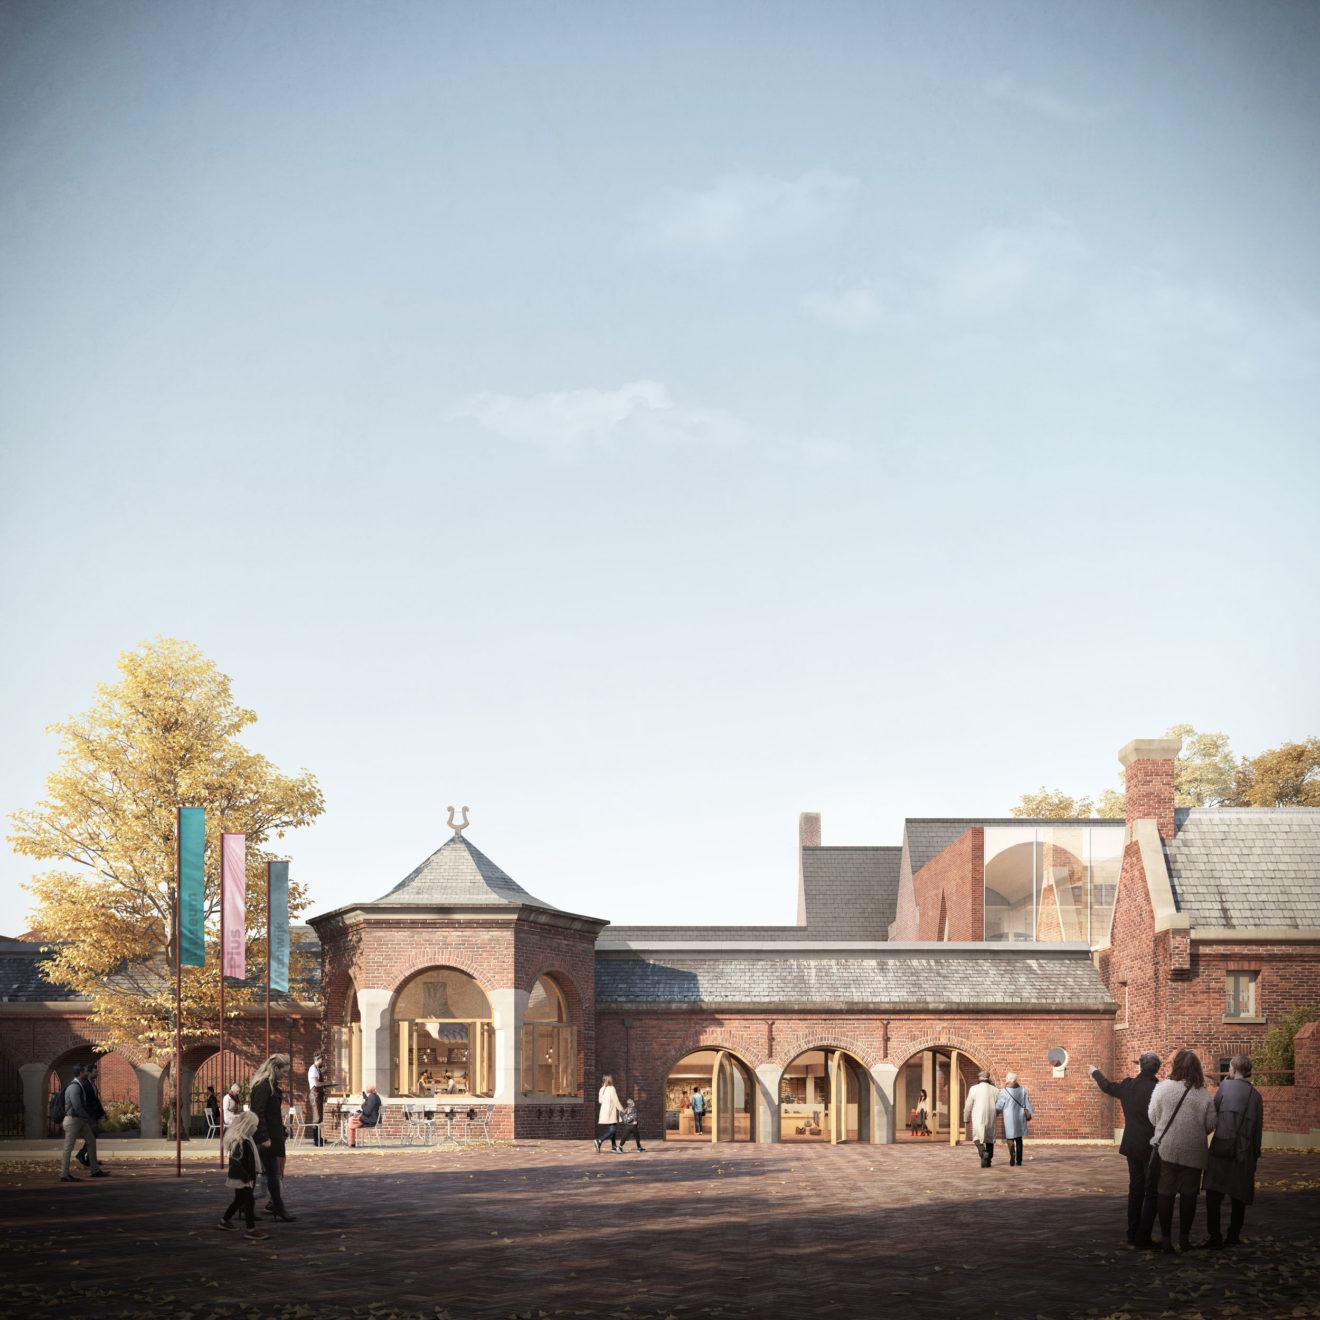 01-Civic-Architects-Schoenenmuseum-Waalwijk-Exterieur-Copyright-DarcStudio